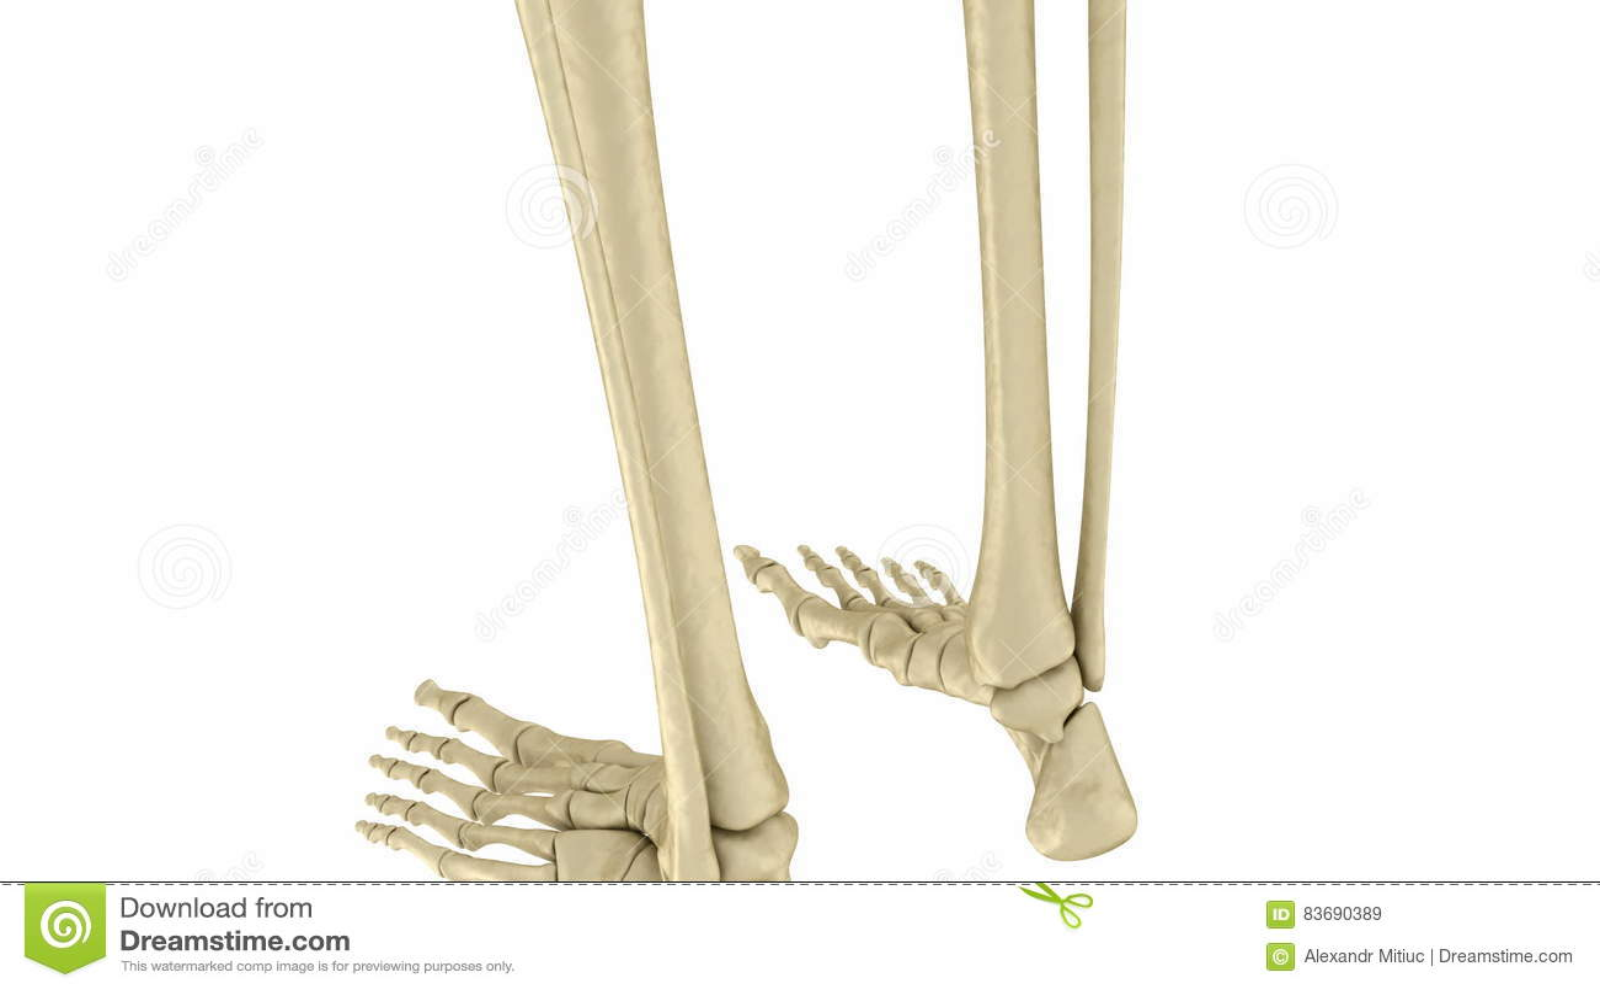 Hermosa Esqueleto De Pie Viñeta - Imágenes de Anatomía Humana ...